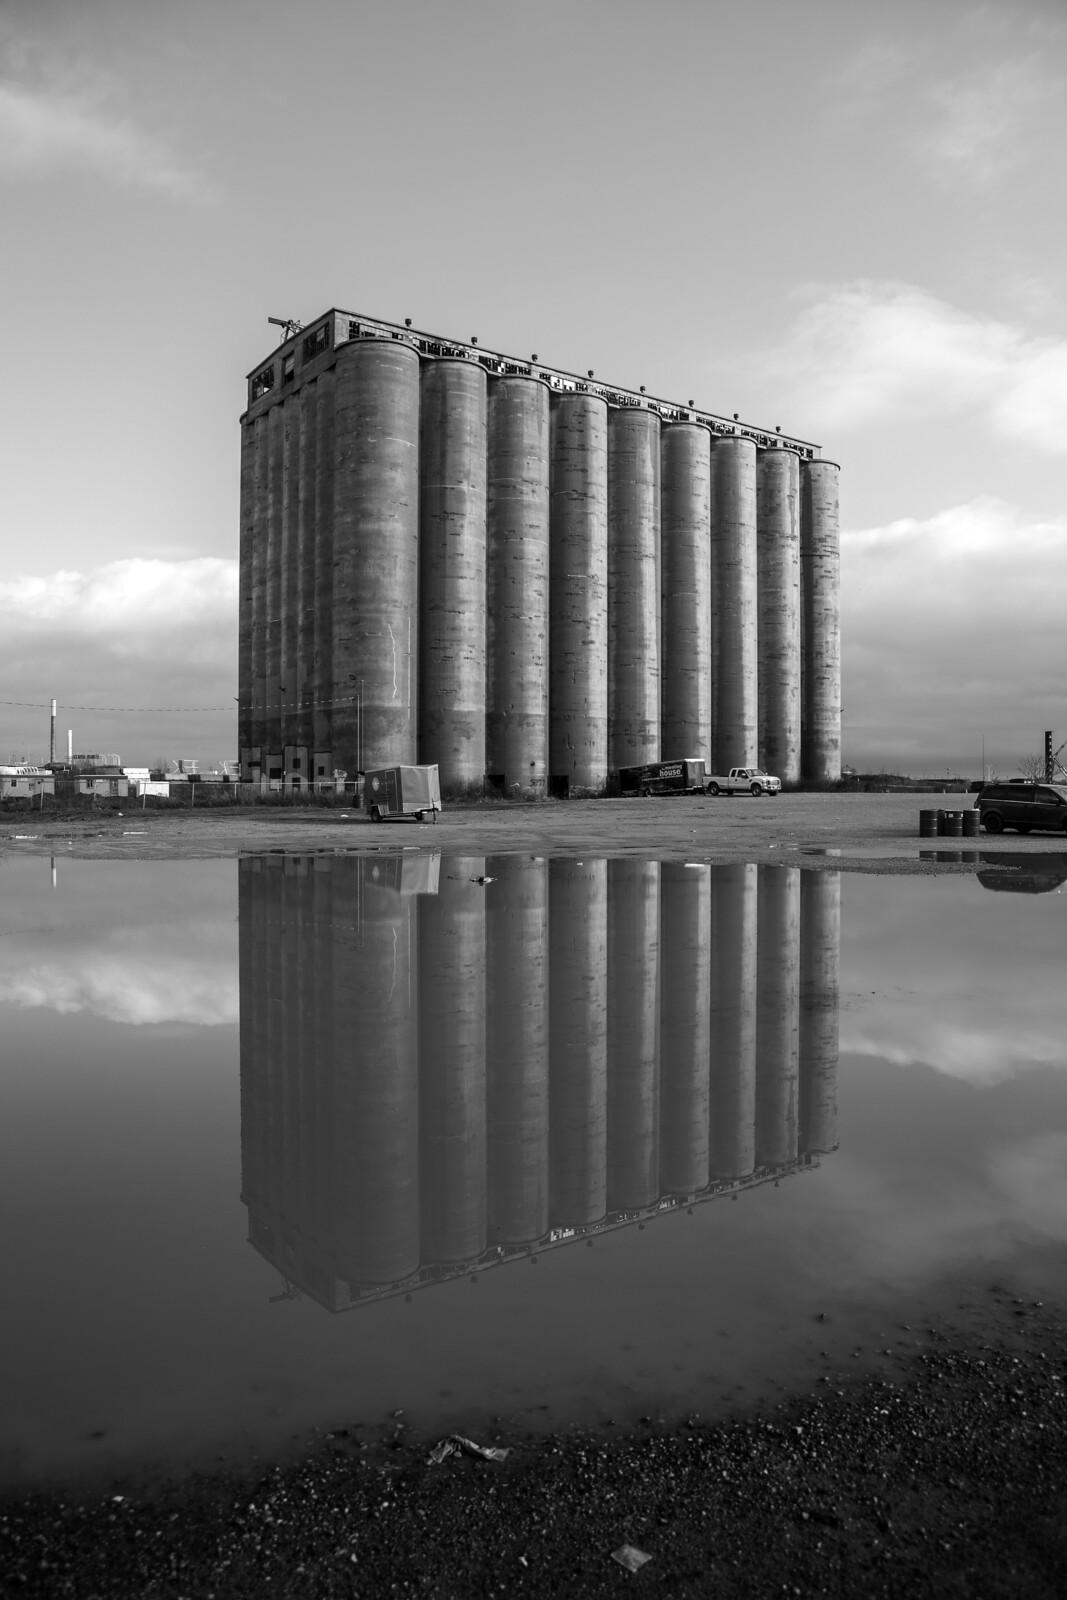 silos, Canon EOS 5D MARK II, Canon EF 24-70mm f/2.8L